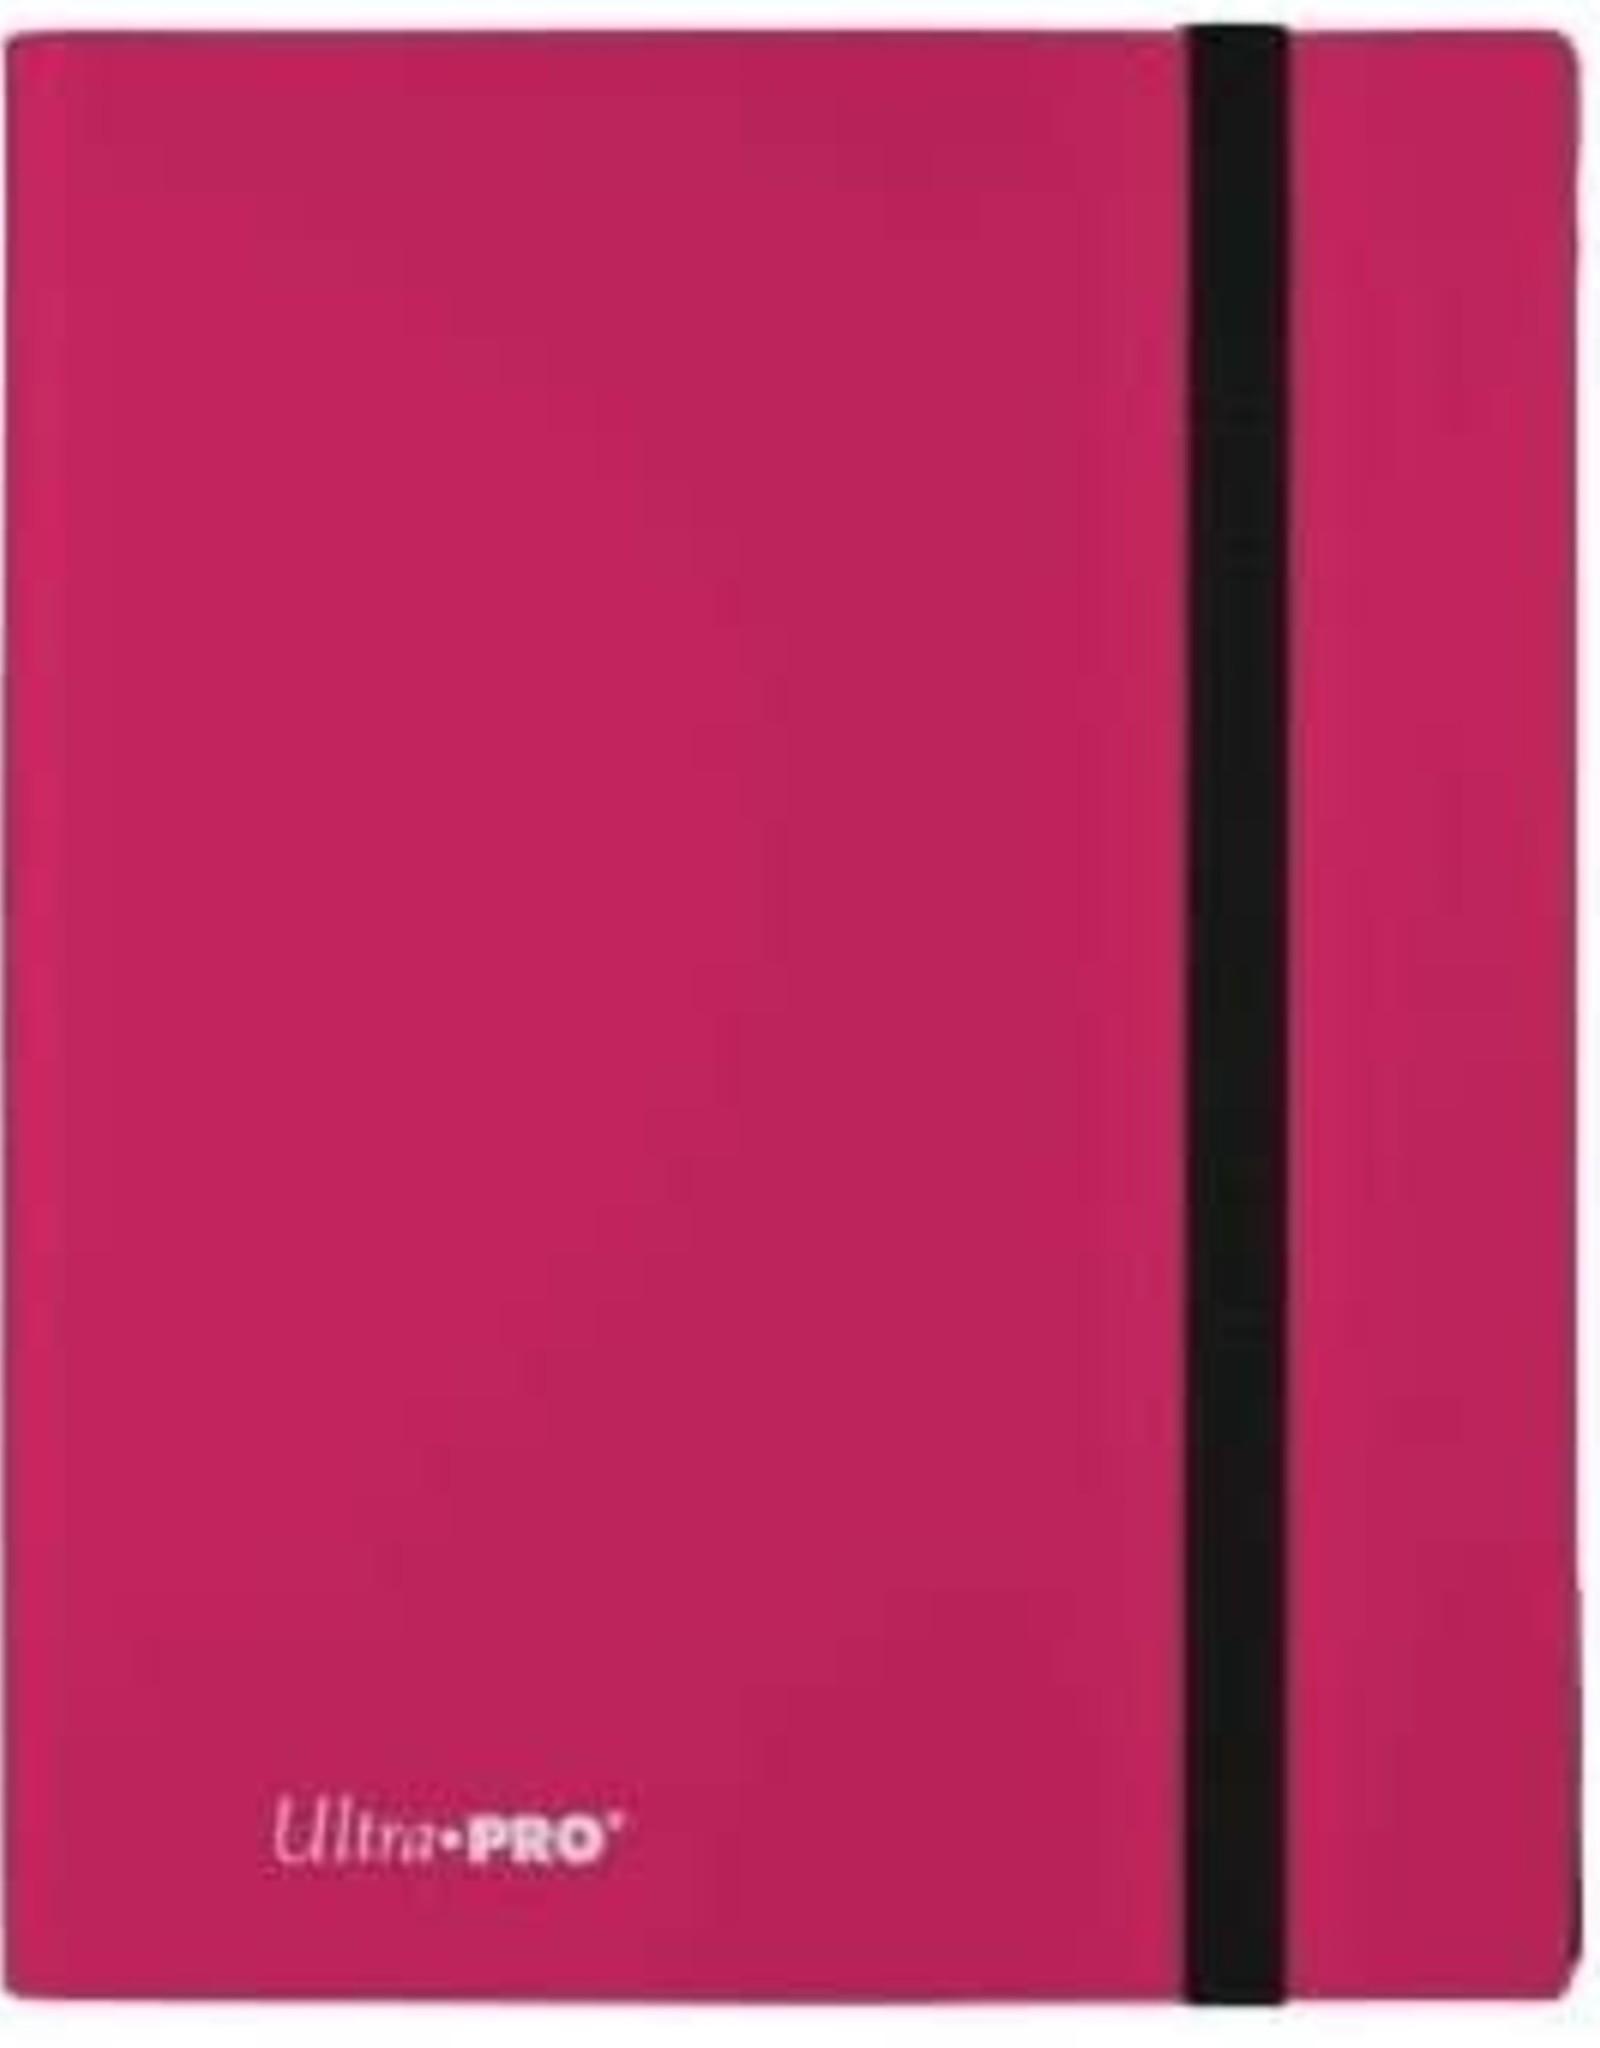 9 Pocket Ultra Pro Binder Hot Pink